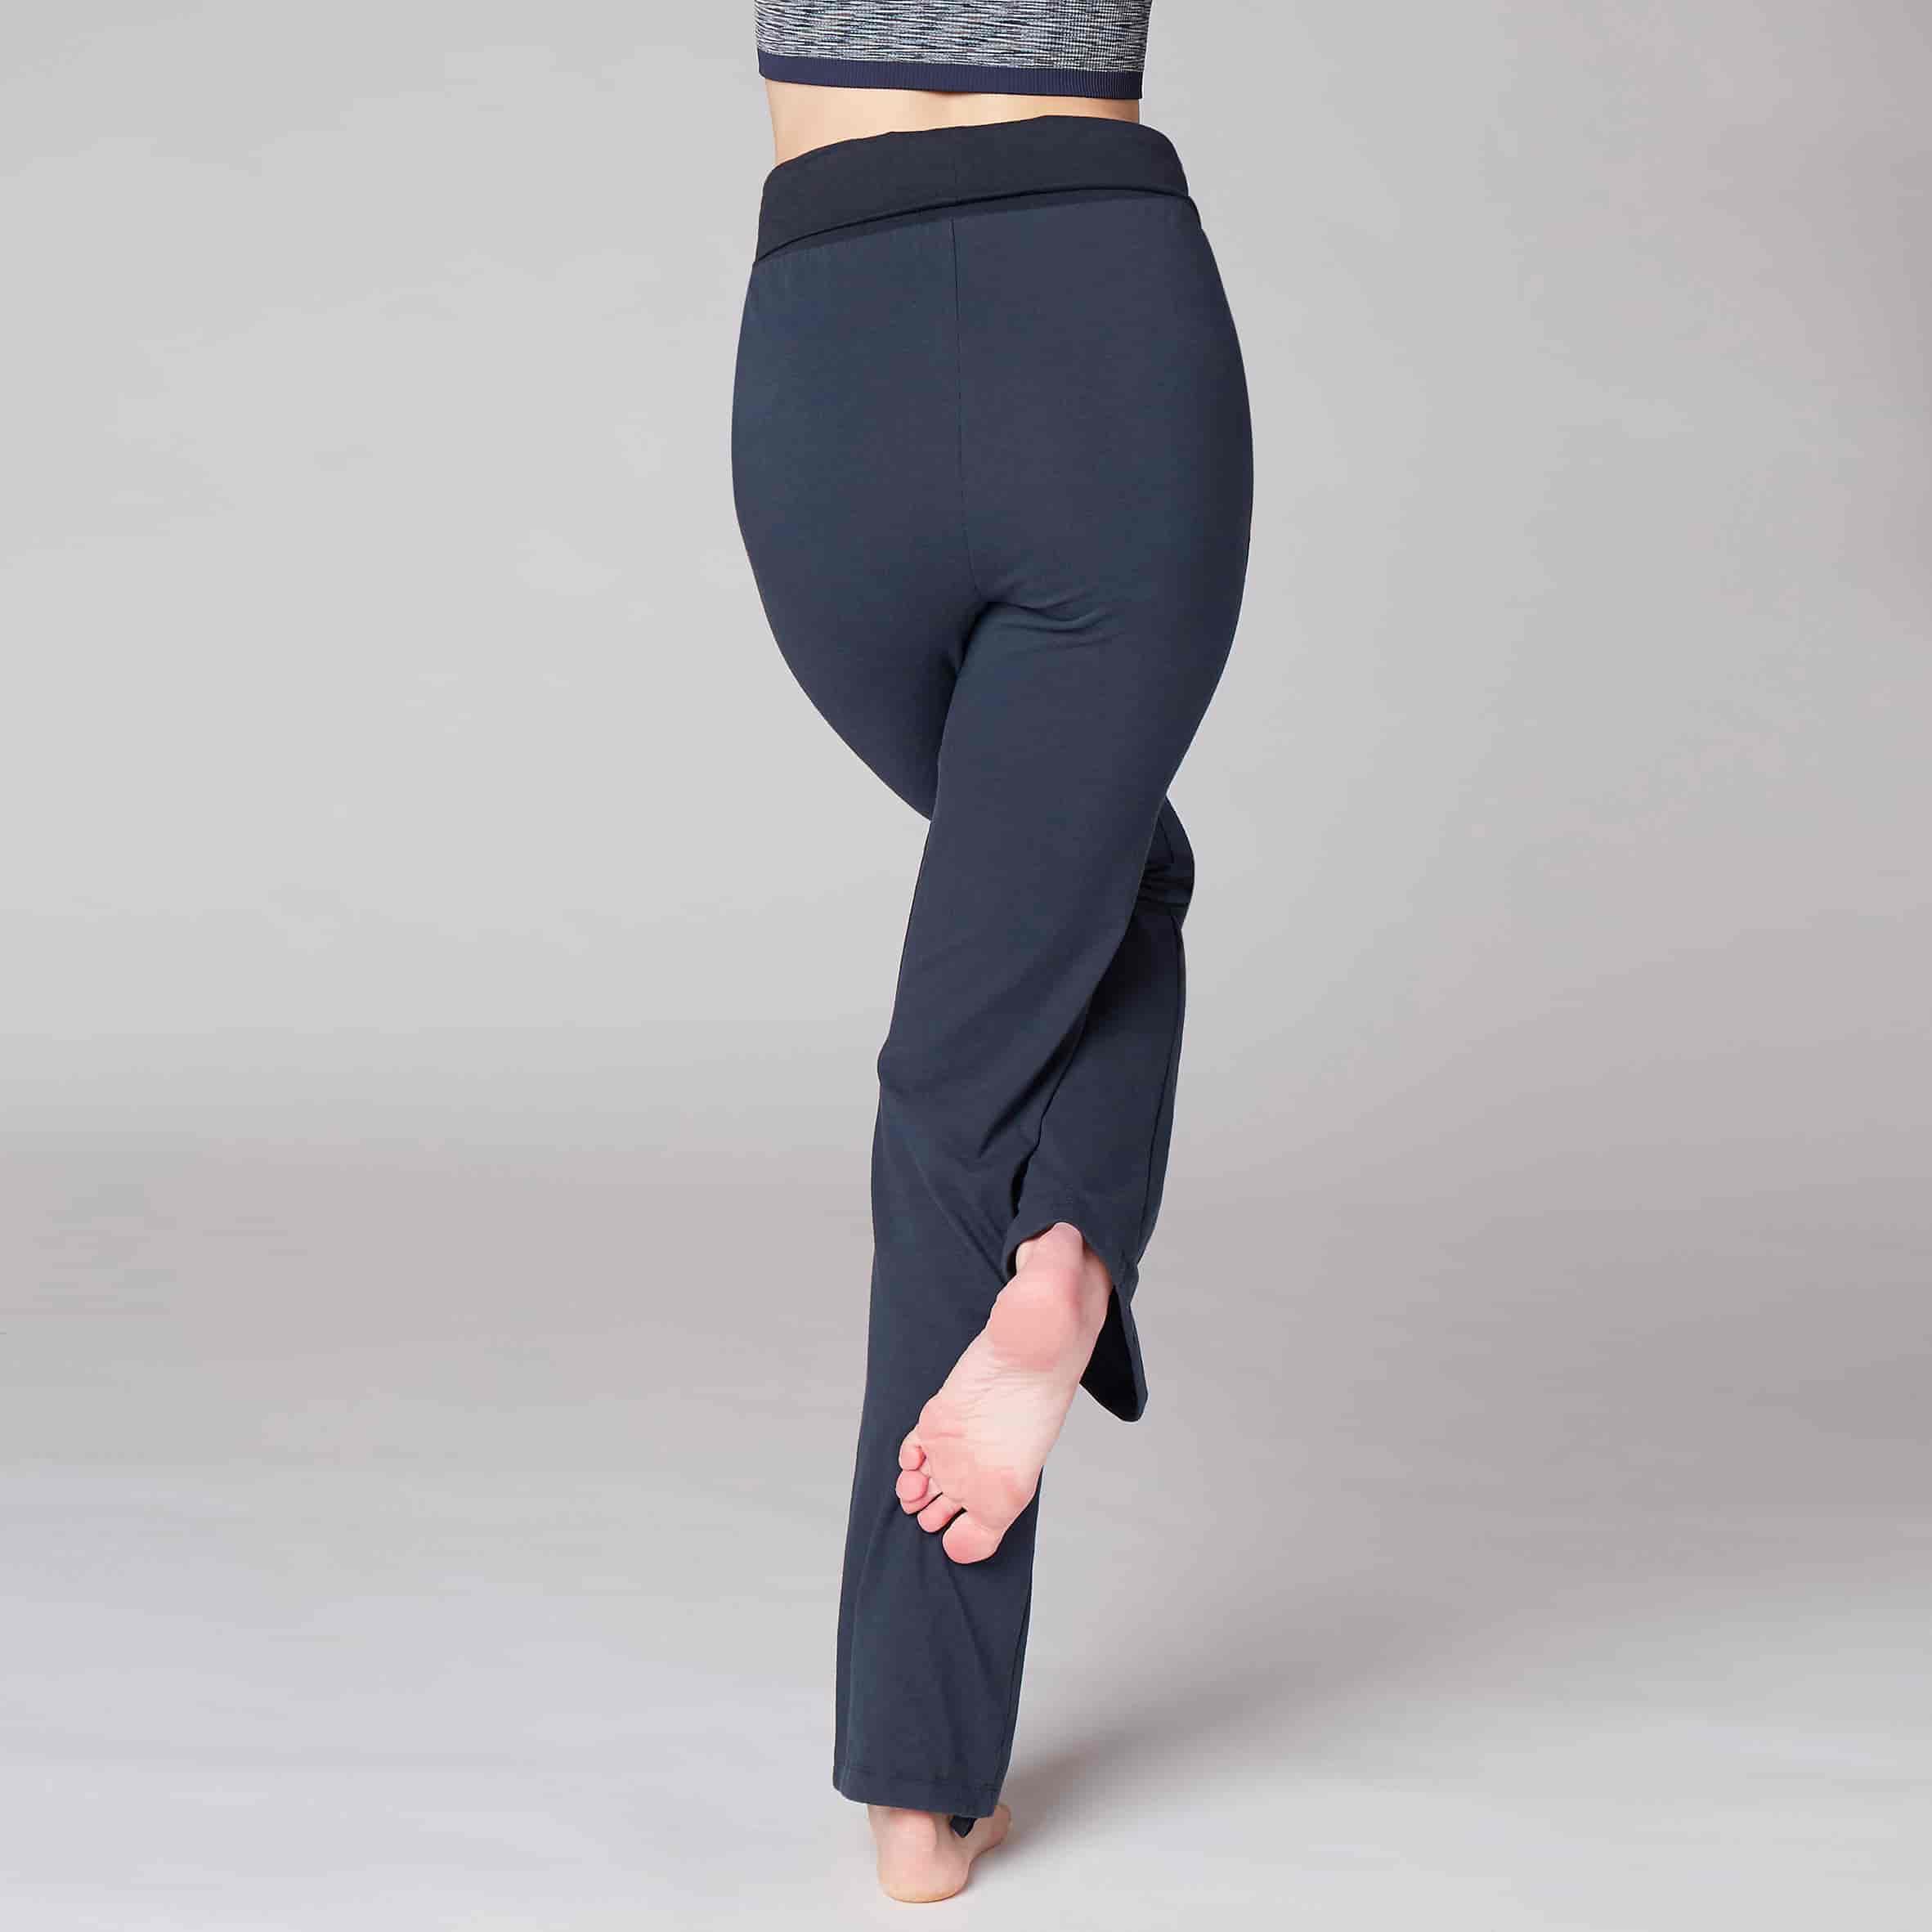 girl wearing comfortable bottom